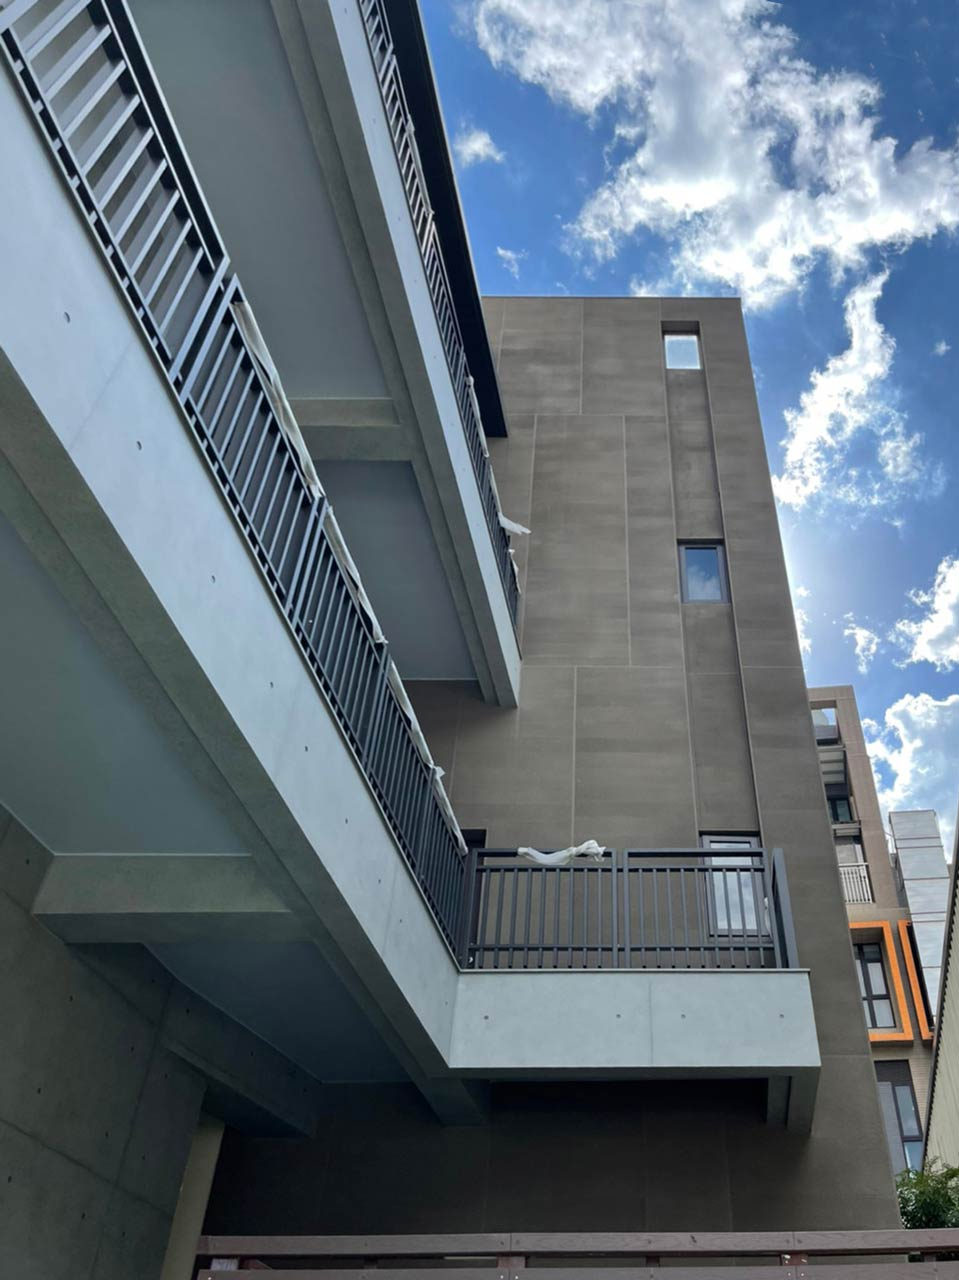 懿德發廠房側牆使用GR工法,表現出細緻立體條紋,遠看有特殊的自然漸層。